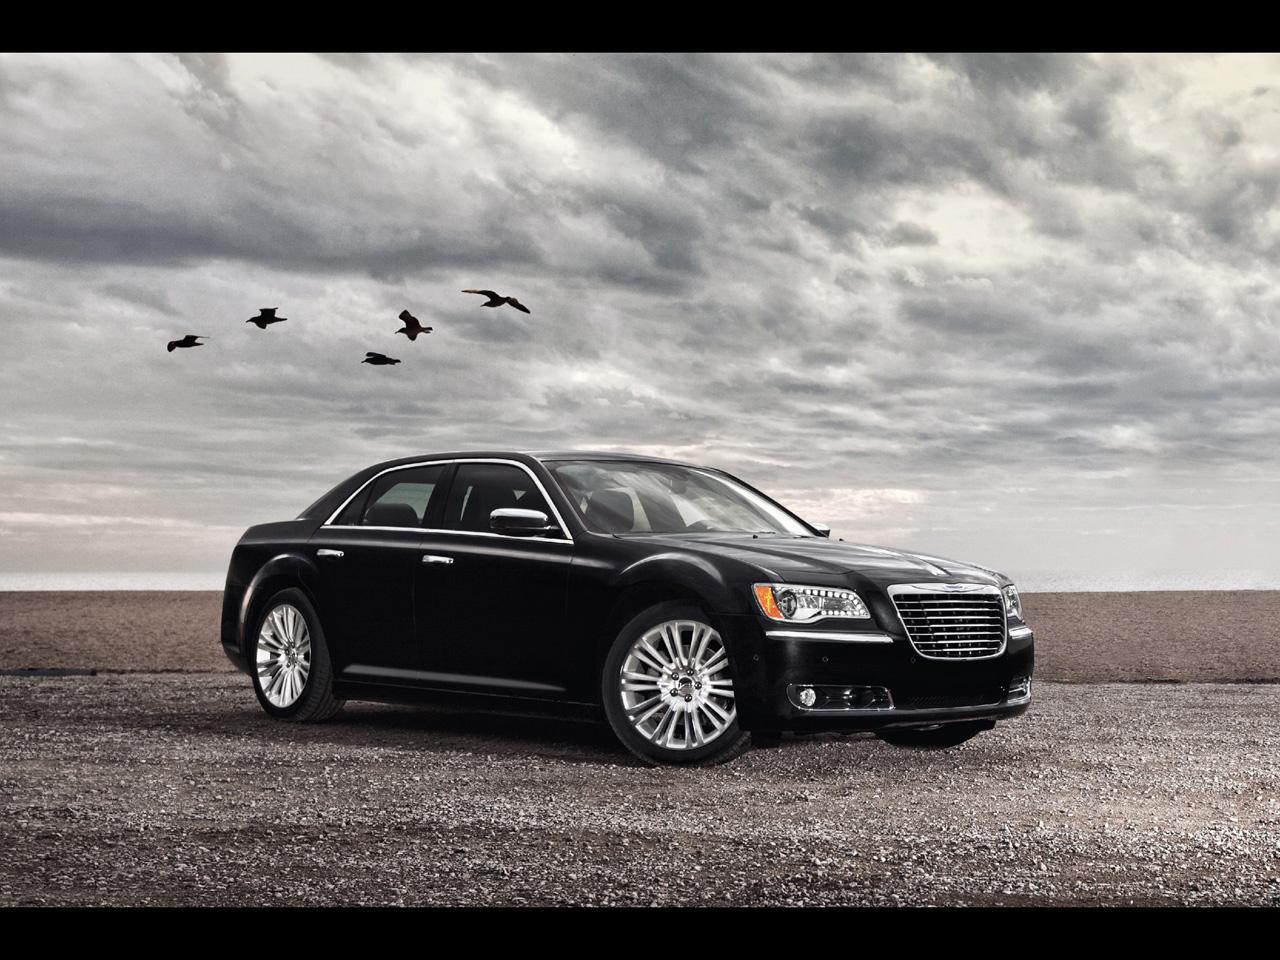 http://2.bp.blogspot.com/-vItQR2ivkNw/TWPbZGPAGOI/AAAAAAAAF3g/GNXCl7jzxzc/s1600/2011-Chrysler-300.jpg